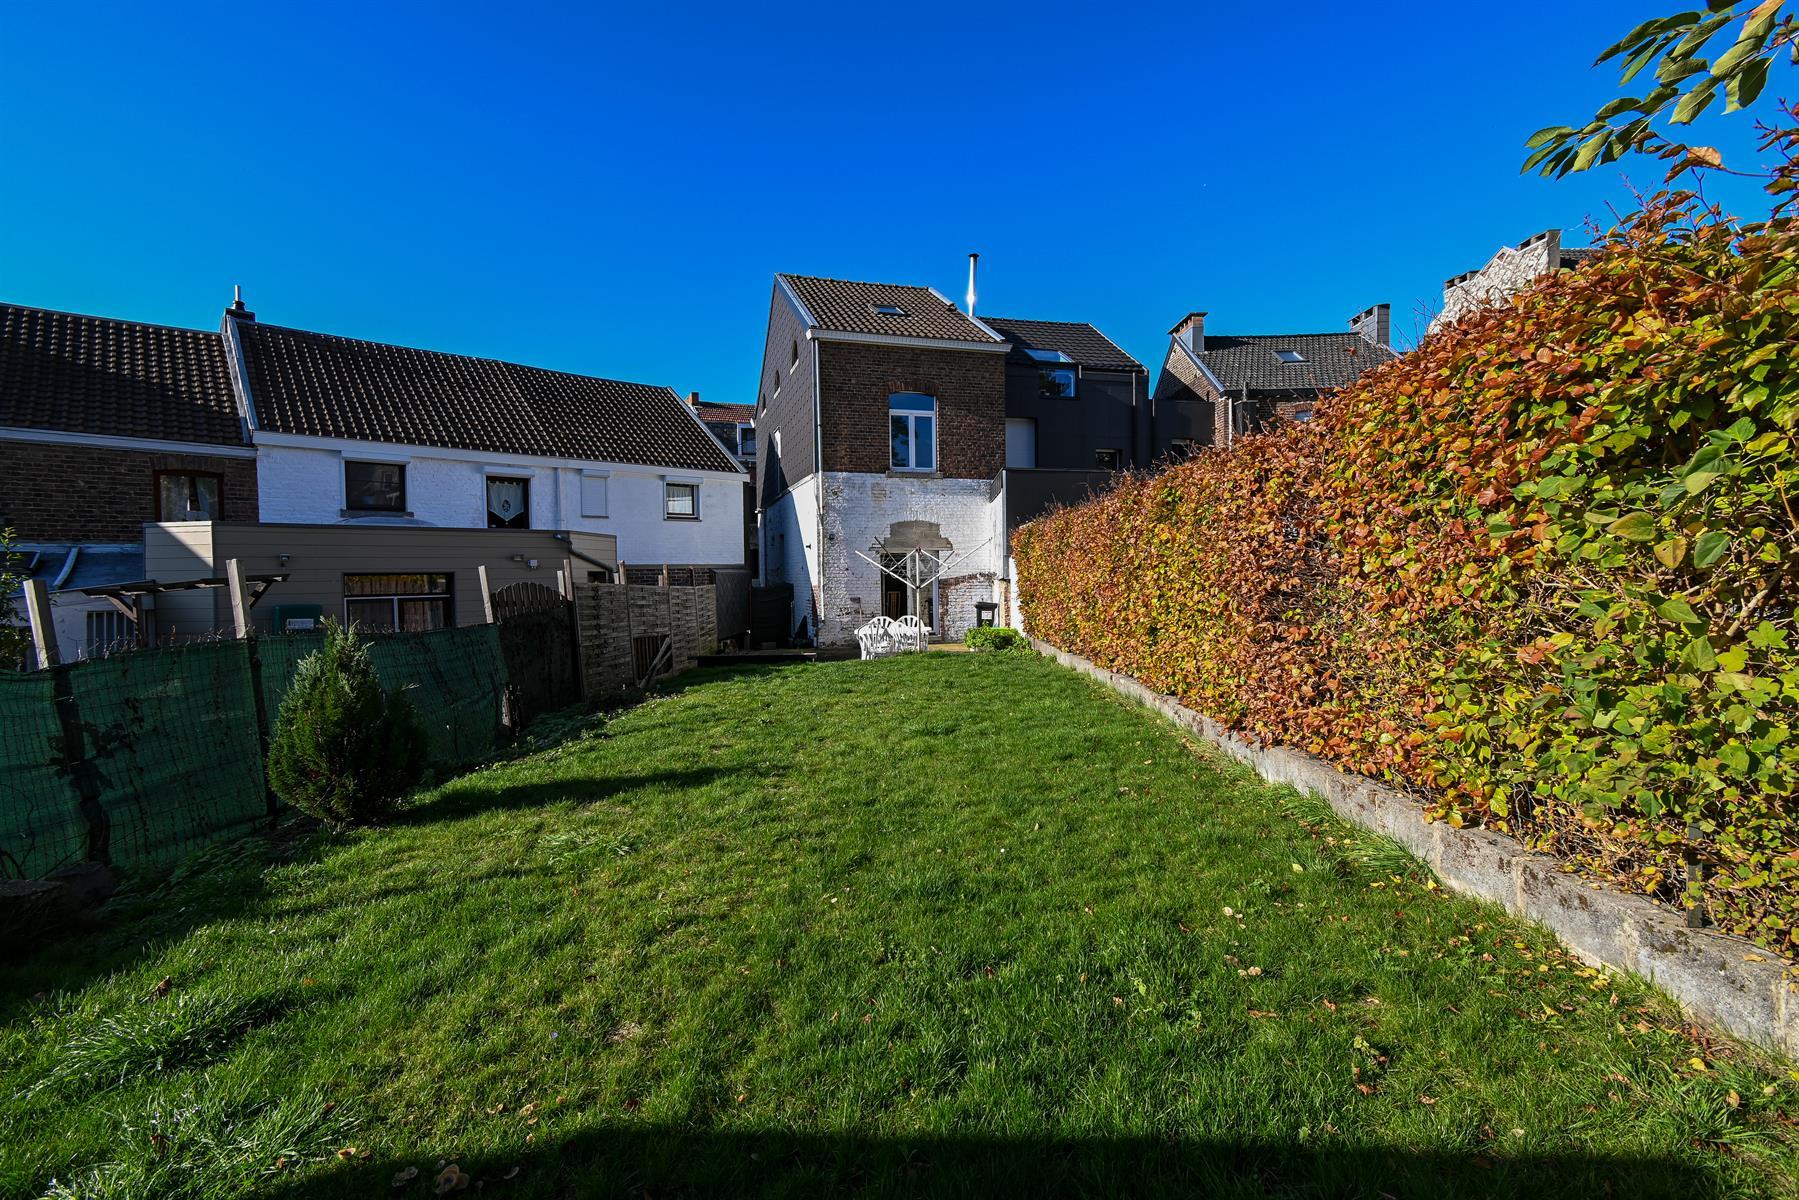 Maison - Verviers - #4207725-2